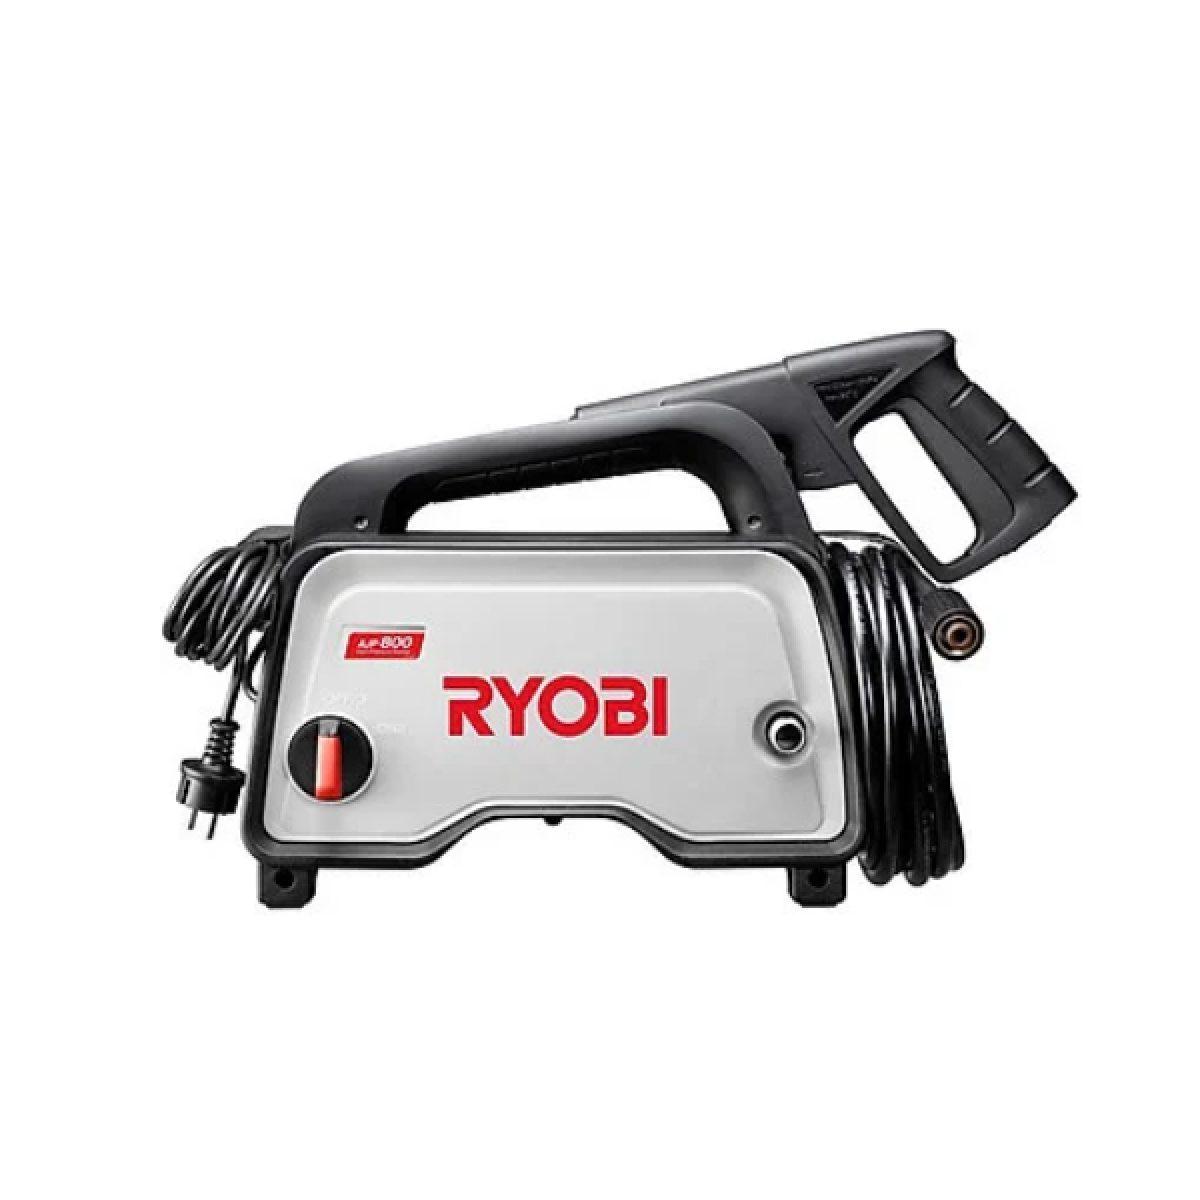 RYOBI AJP-800 High Pressure